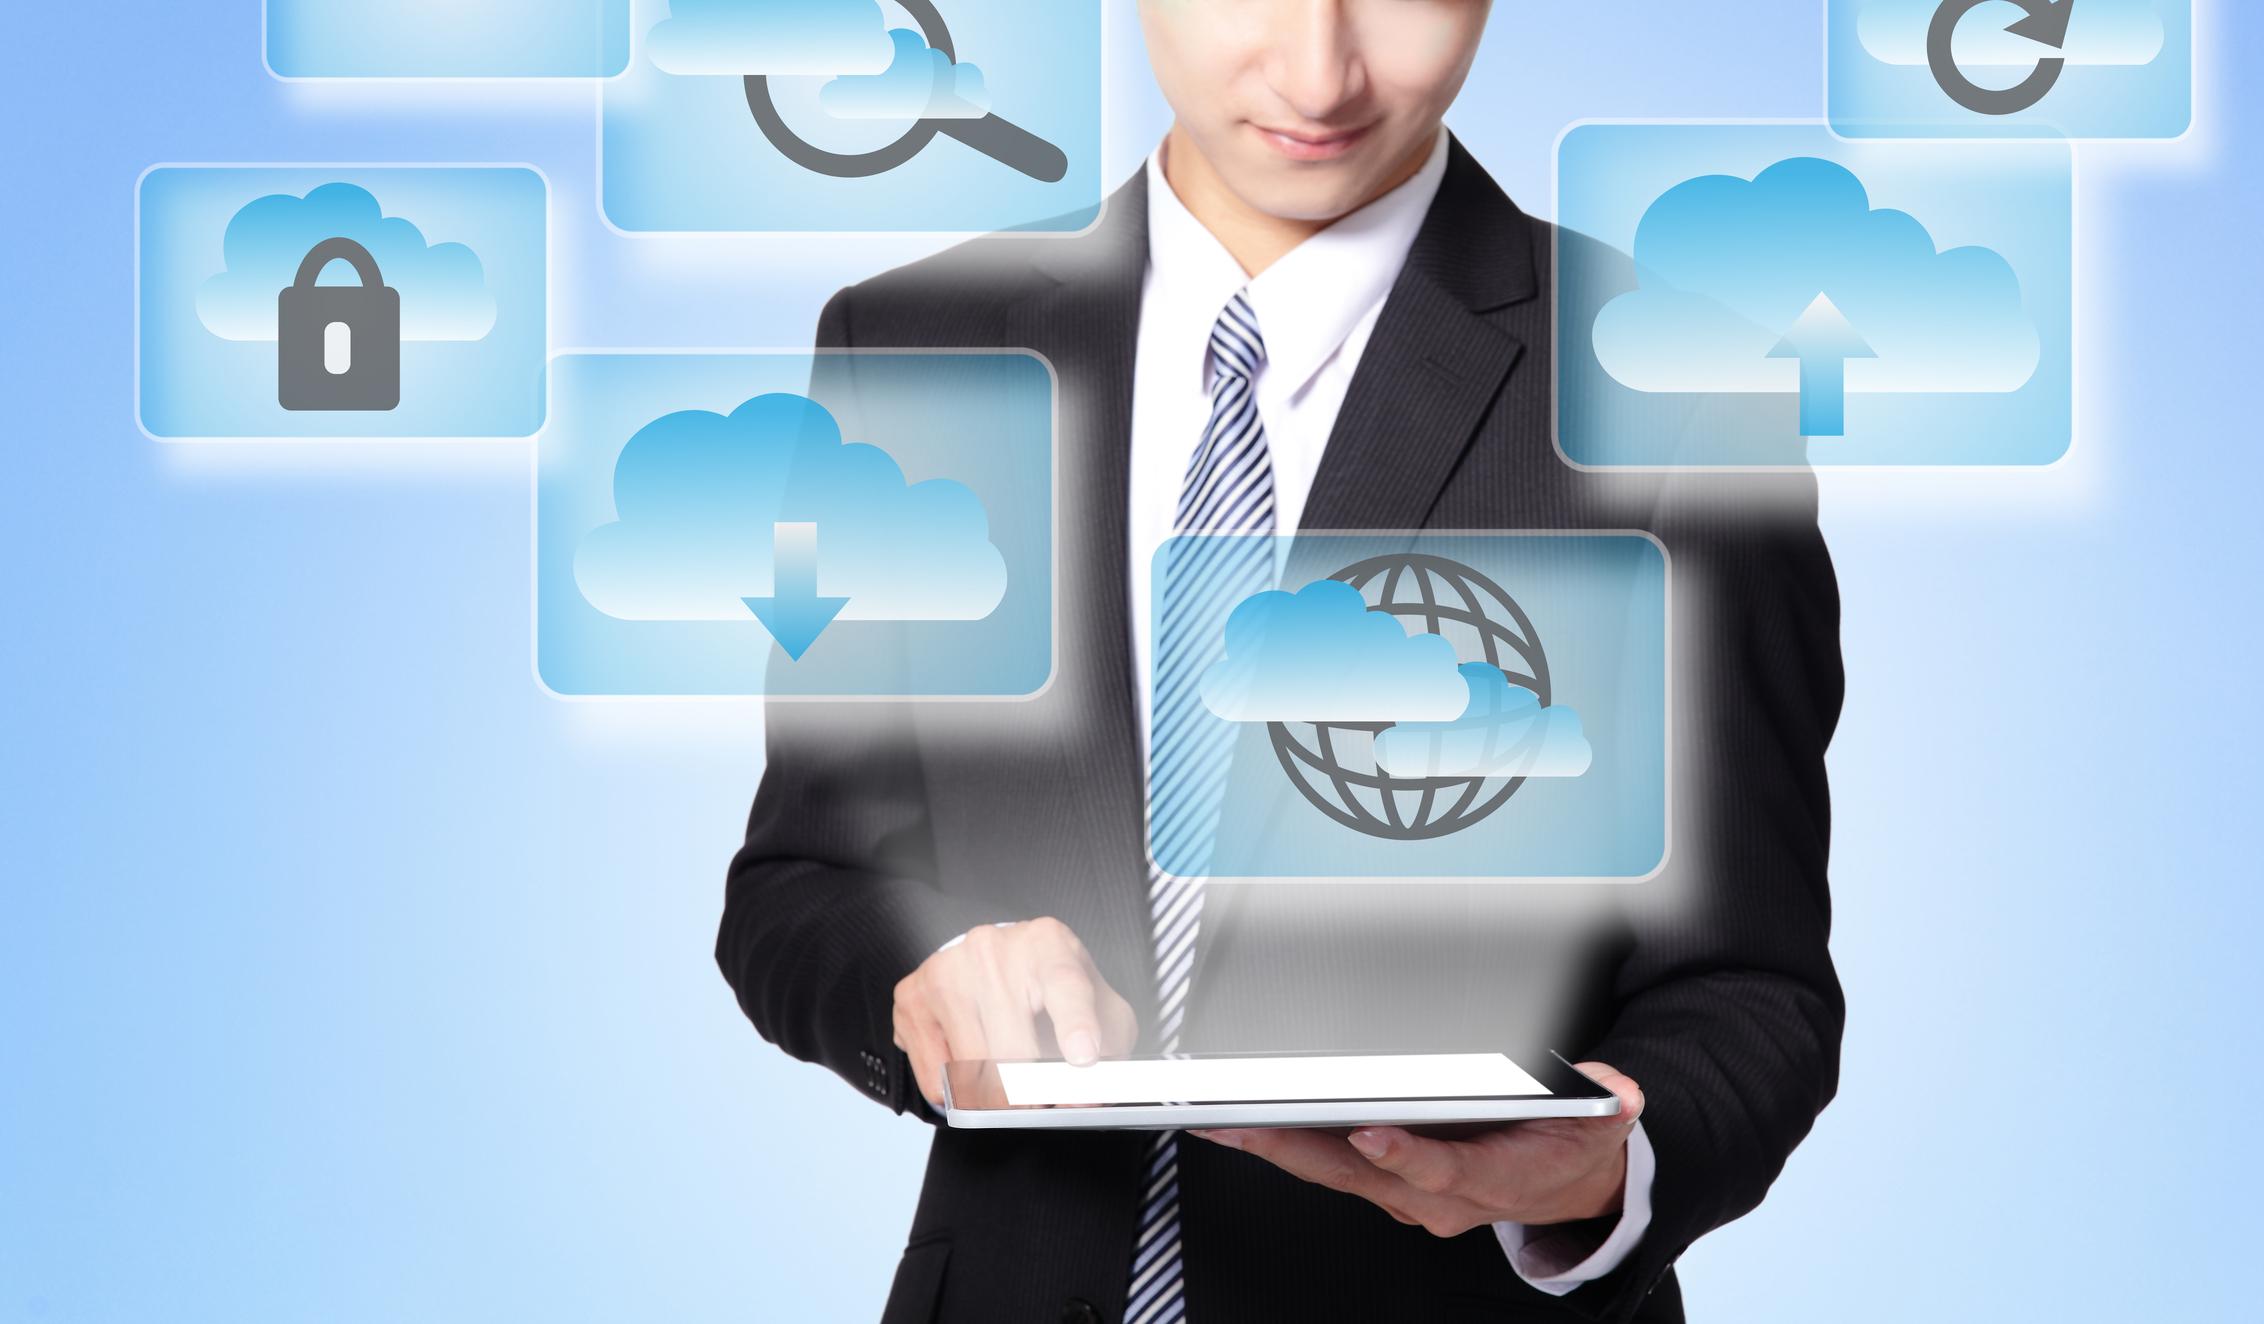 شرکت های دانش بنیان حوزه فناوری اطلاعات